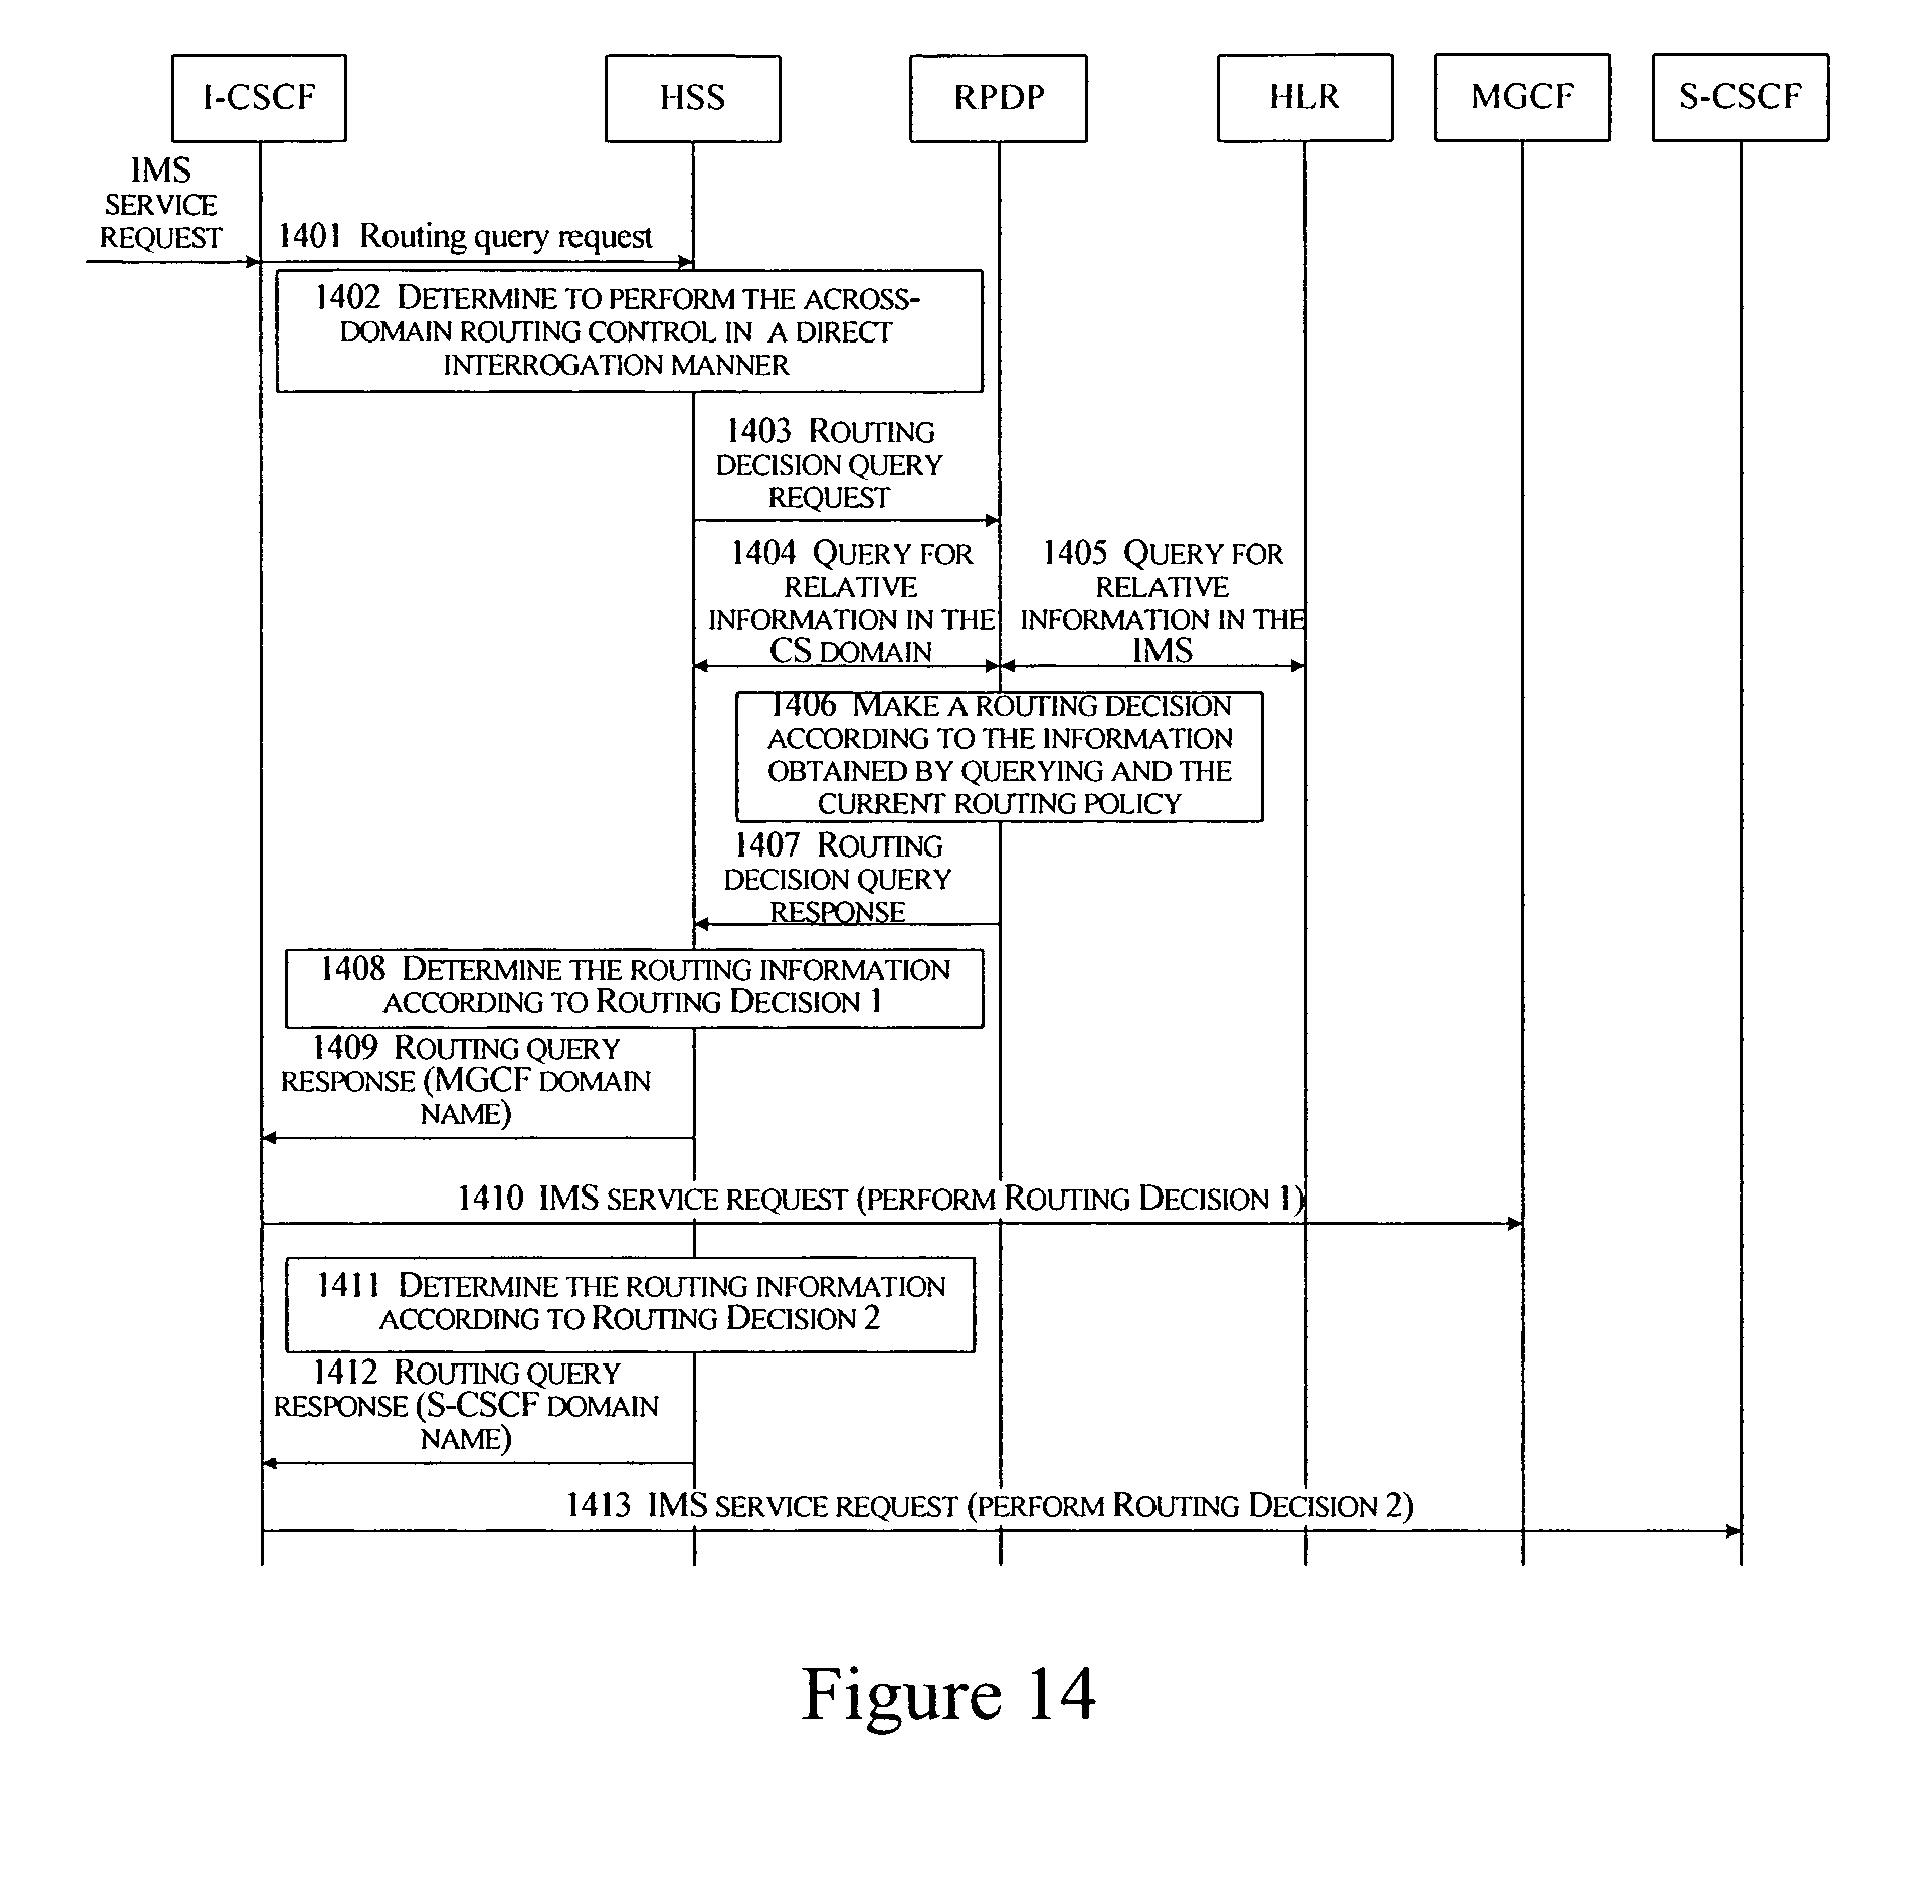 专利ep1860837a1 - a method